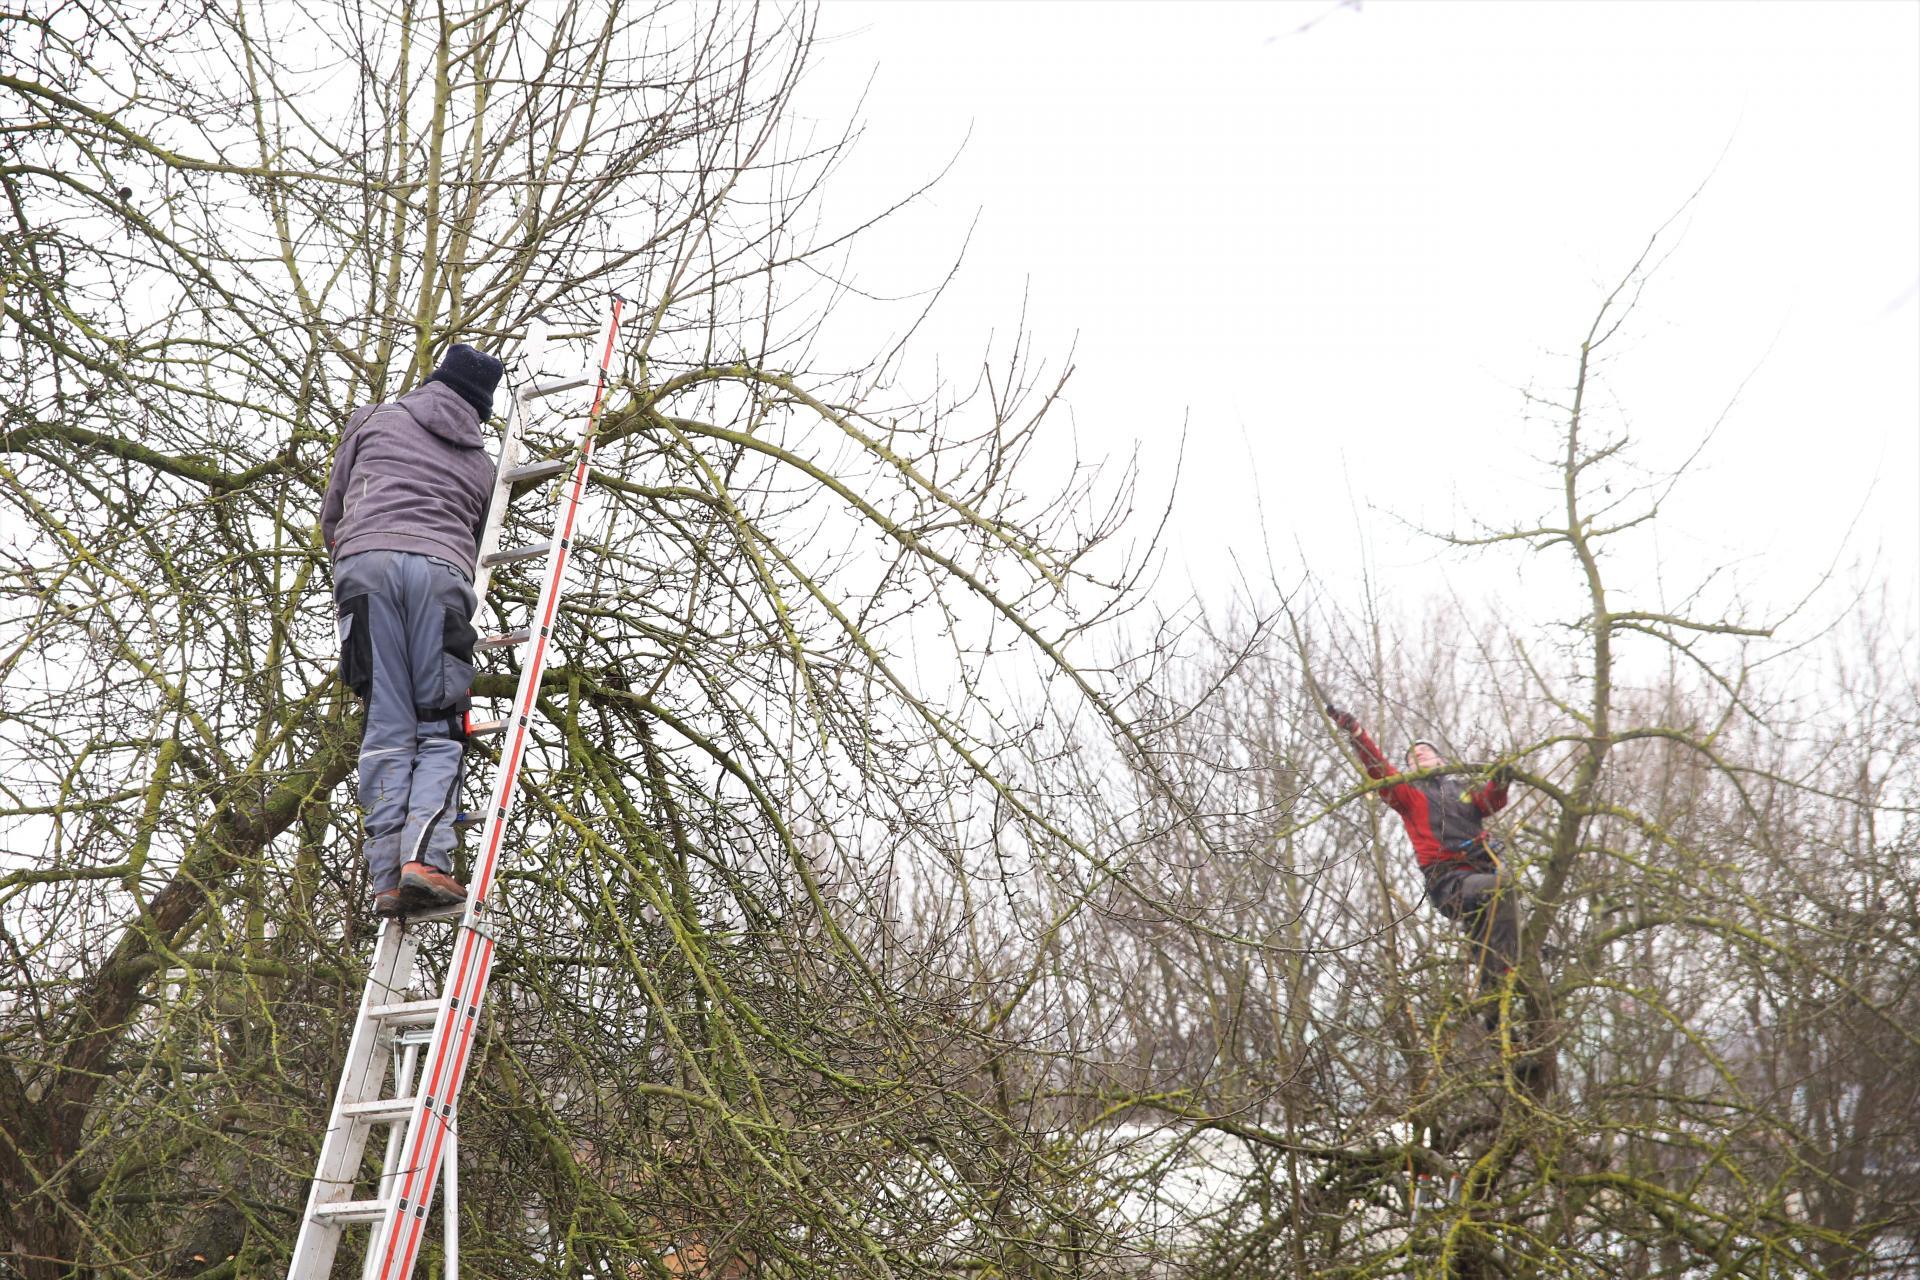 Obstbaumwarte in Aktion